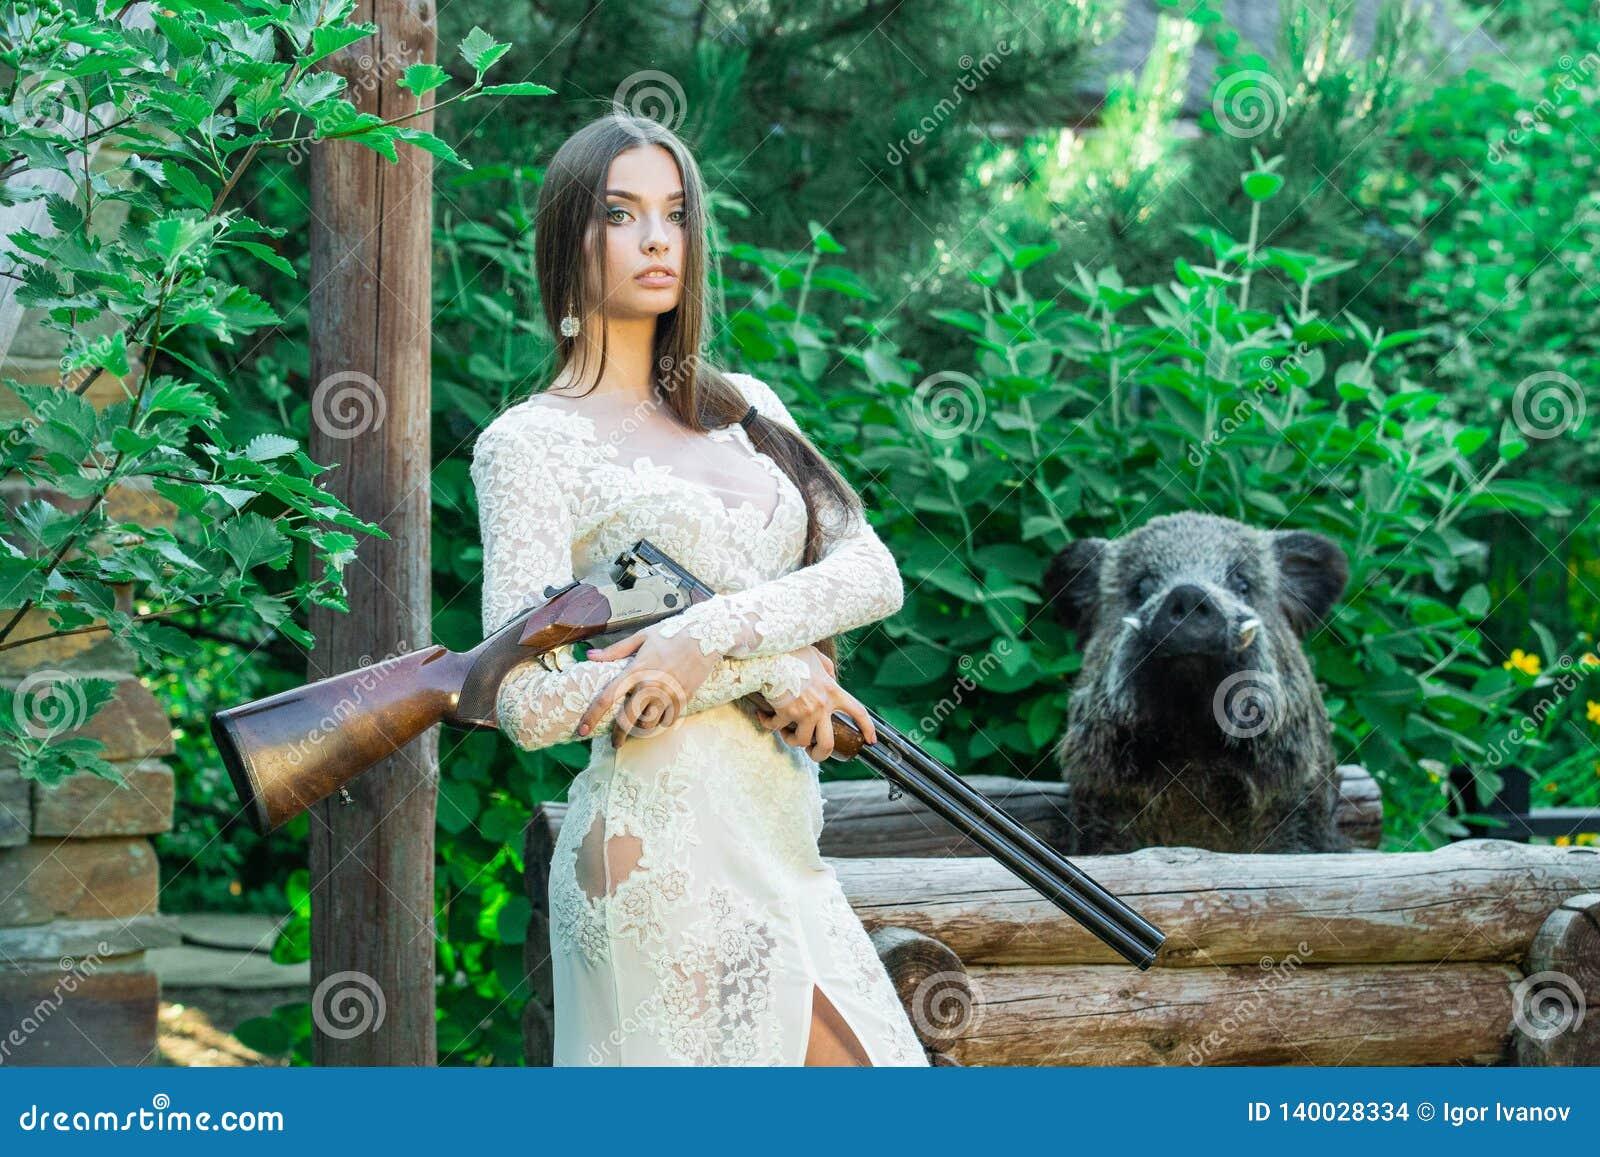 摆在与一头寻找的步枪和被充塞的公猪的白色礼服的美女在背景